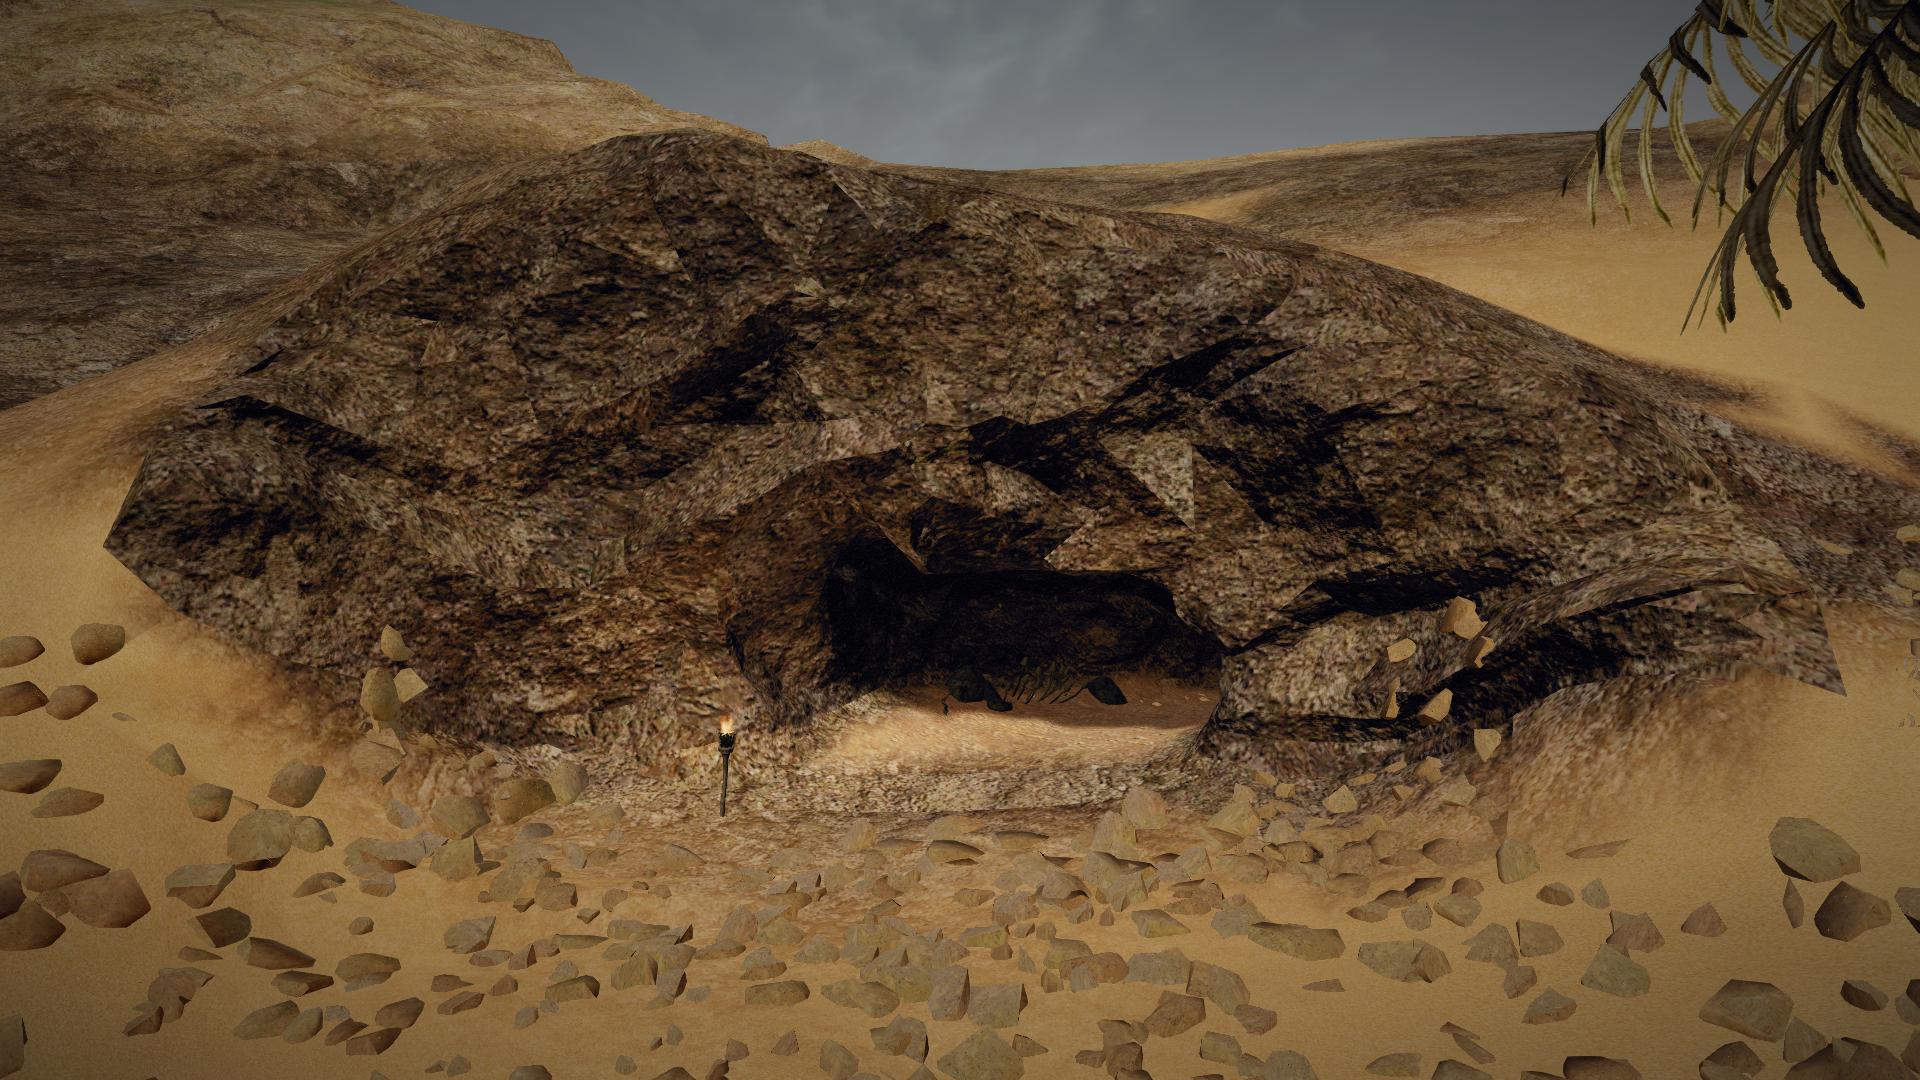 Jaskinia rabusiów na północ od Ben Sali